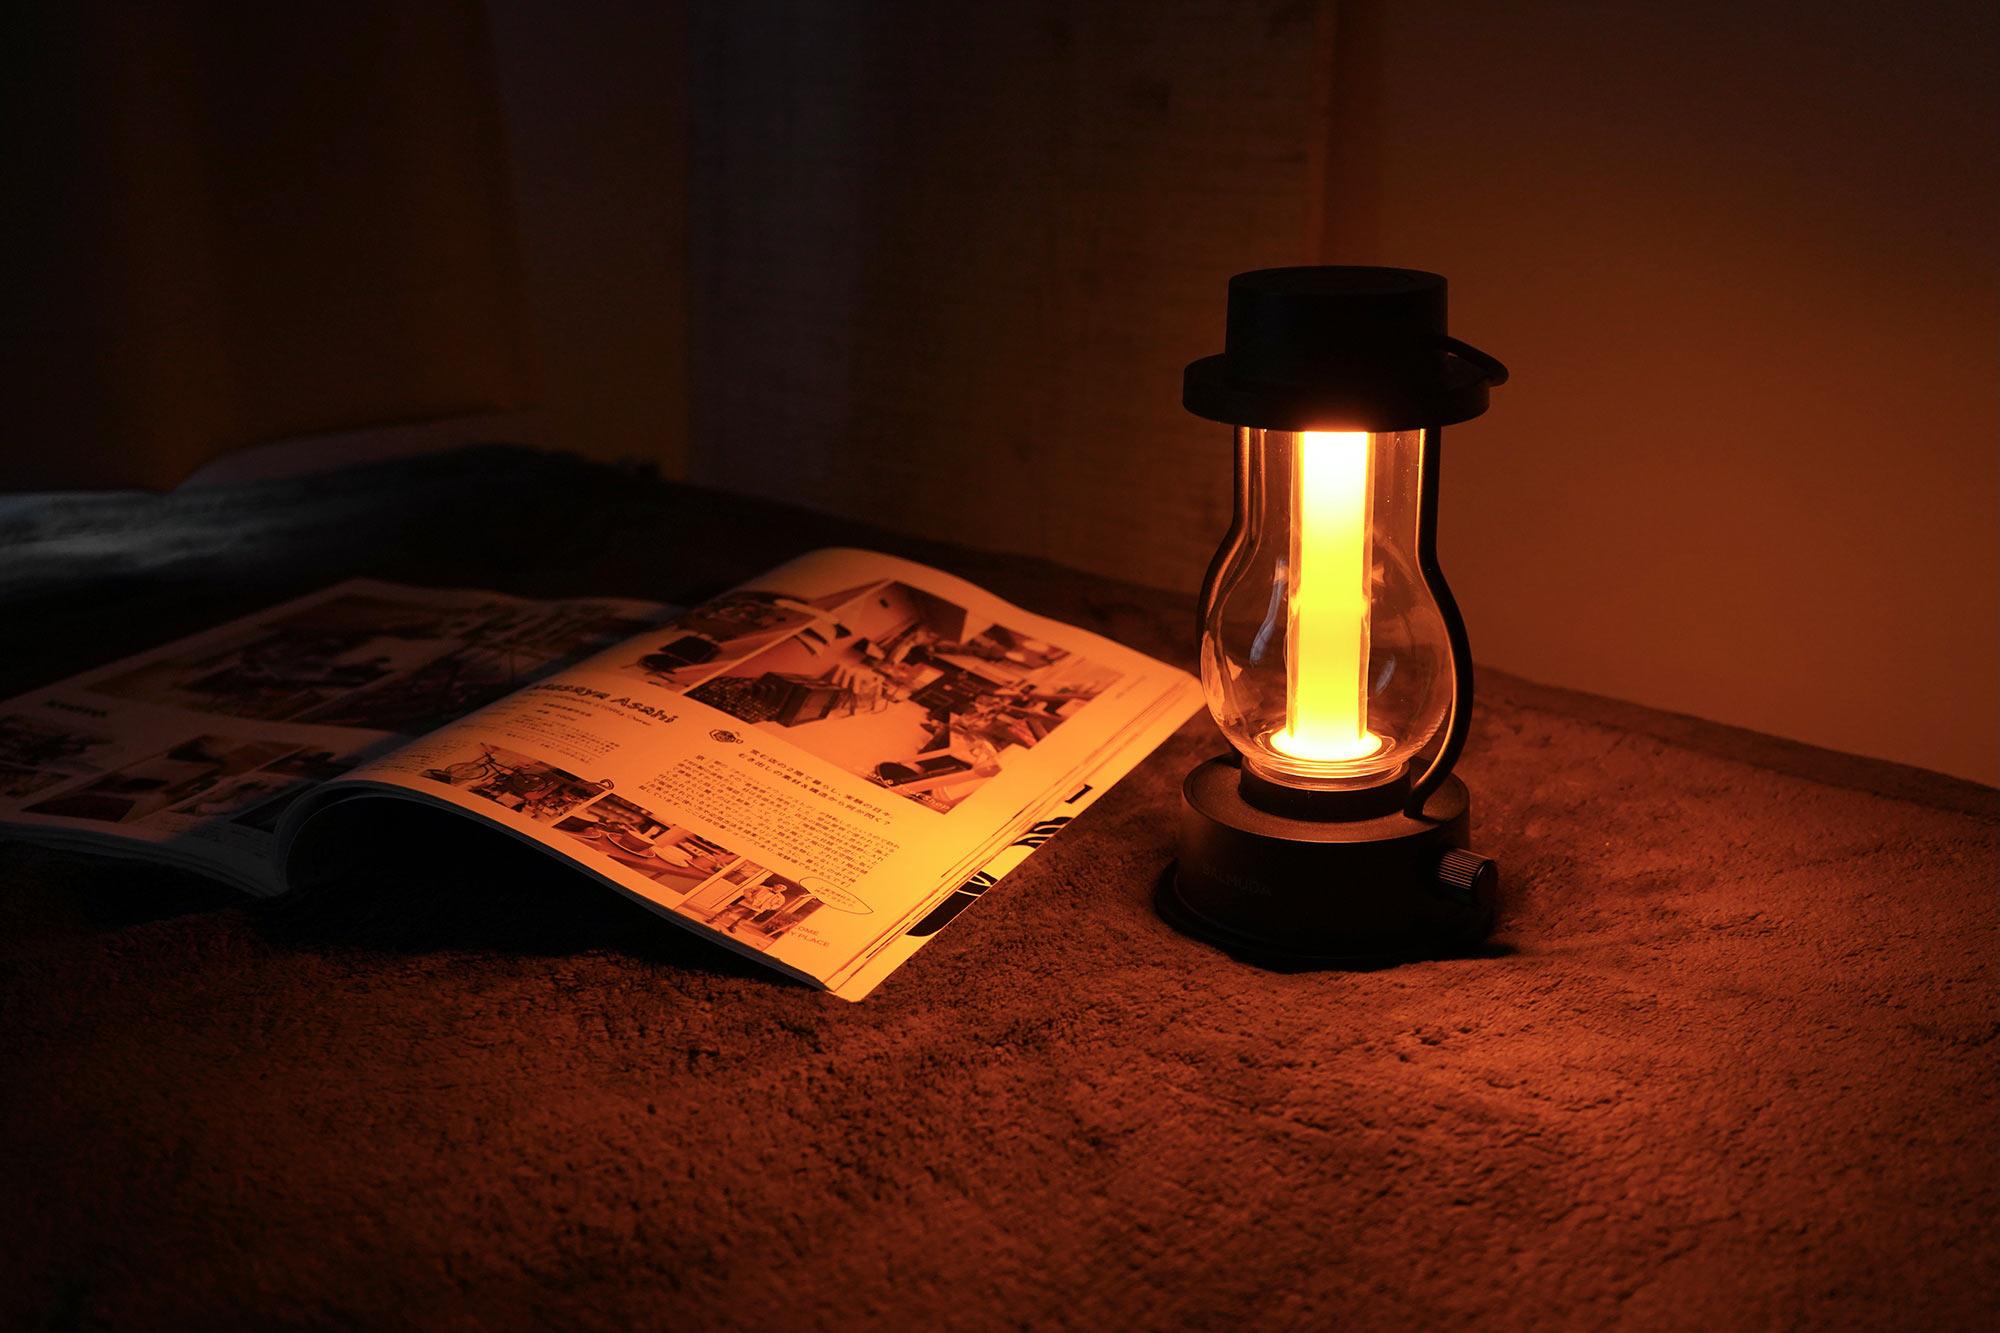 味わい深い時間と居心地の良い明るさを提供してくれるBALMUDAのLEDランタン「The Lantern」